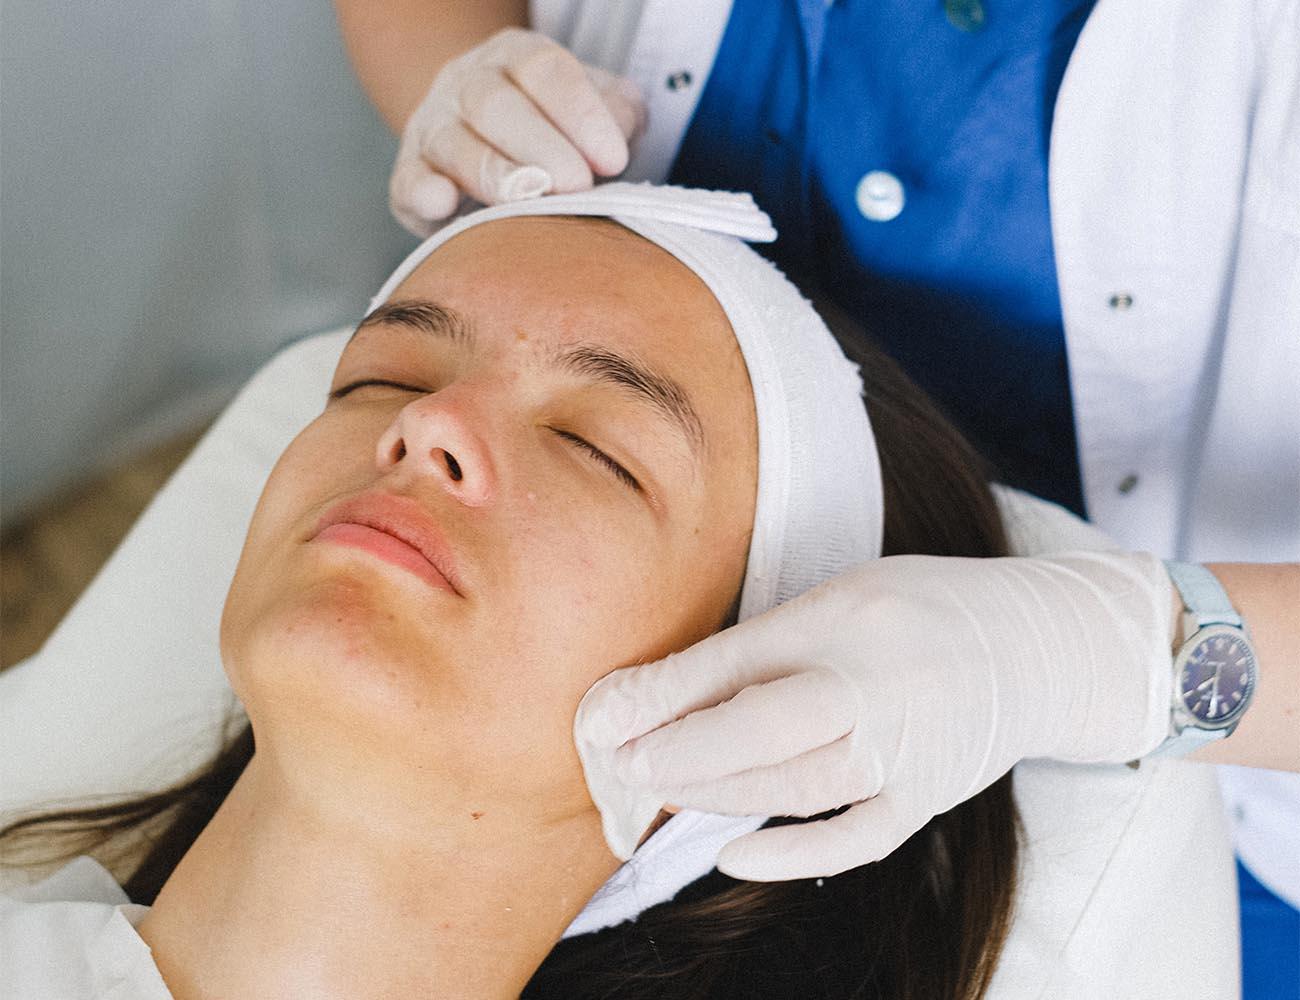 skin analysis examination